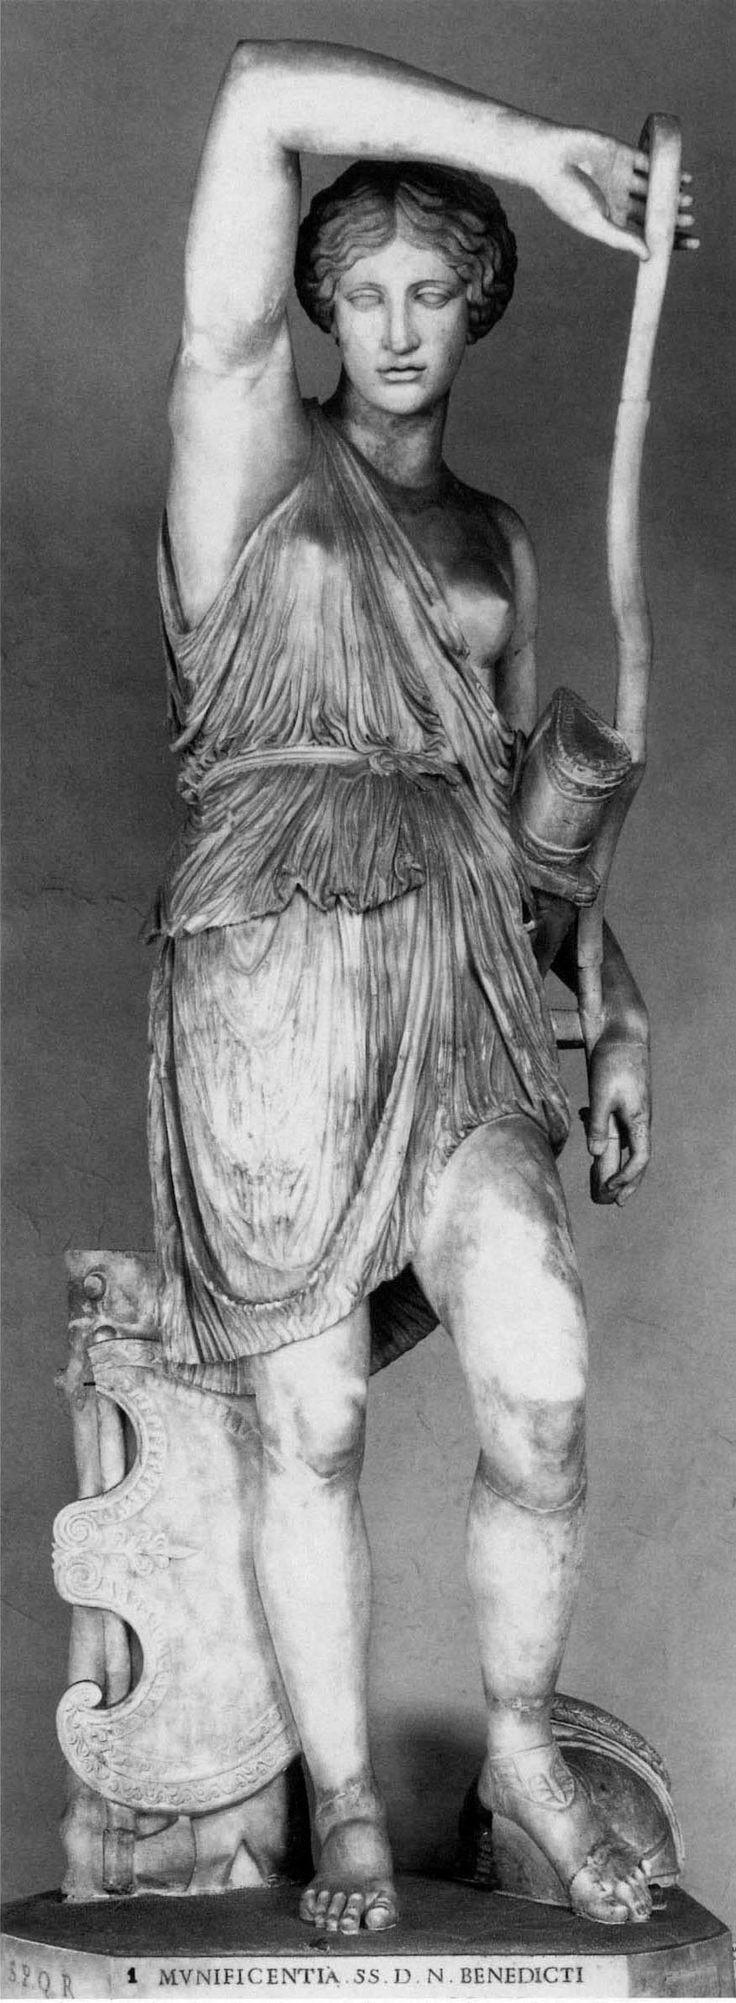 244. Αμαζόνα Mattei: Αντίγραφο μιας από τις Αμαζόνες της Εφέσου. Ρώμη, Palazzo Mattei.